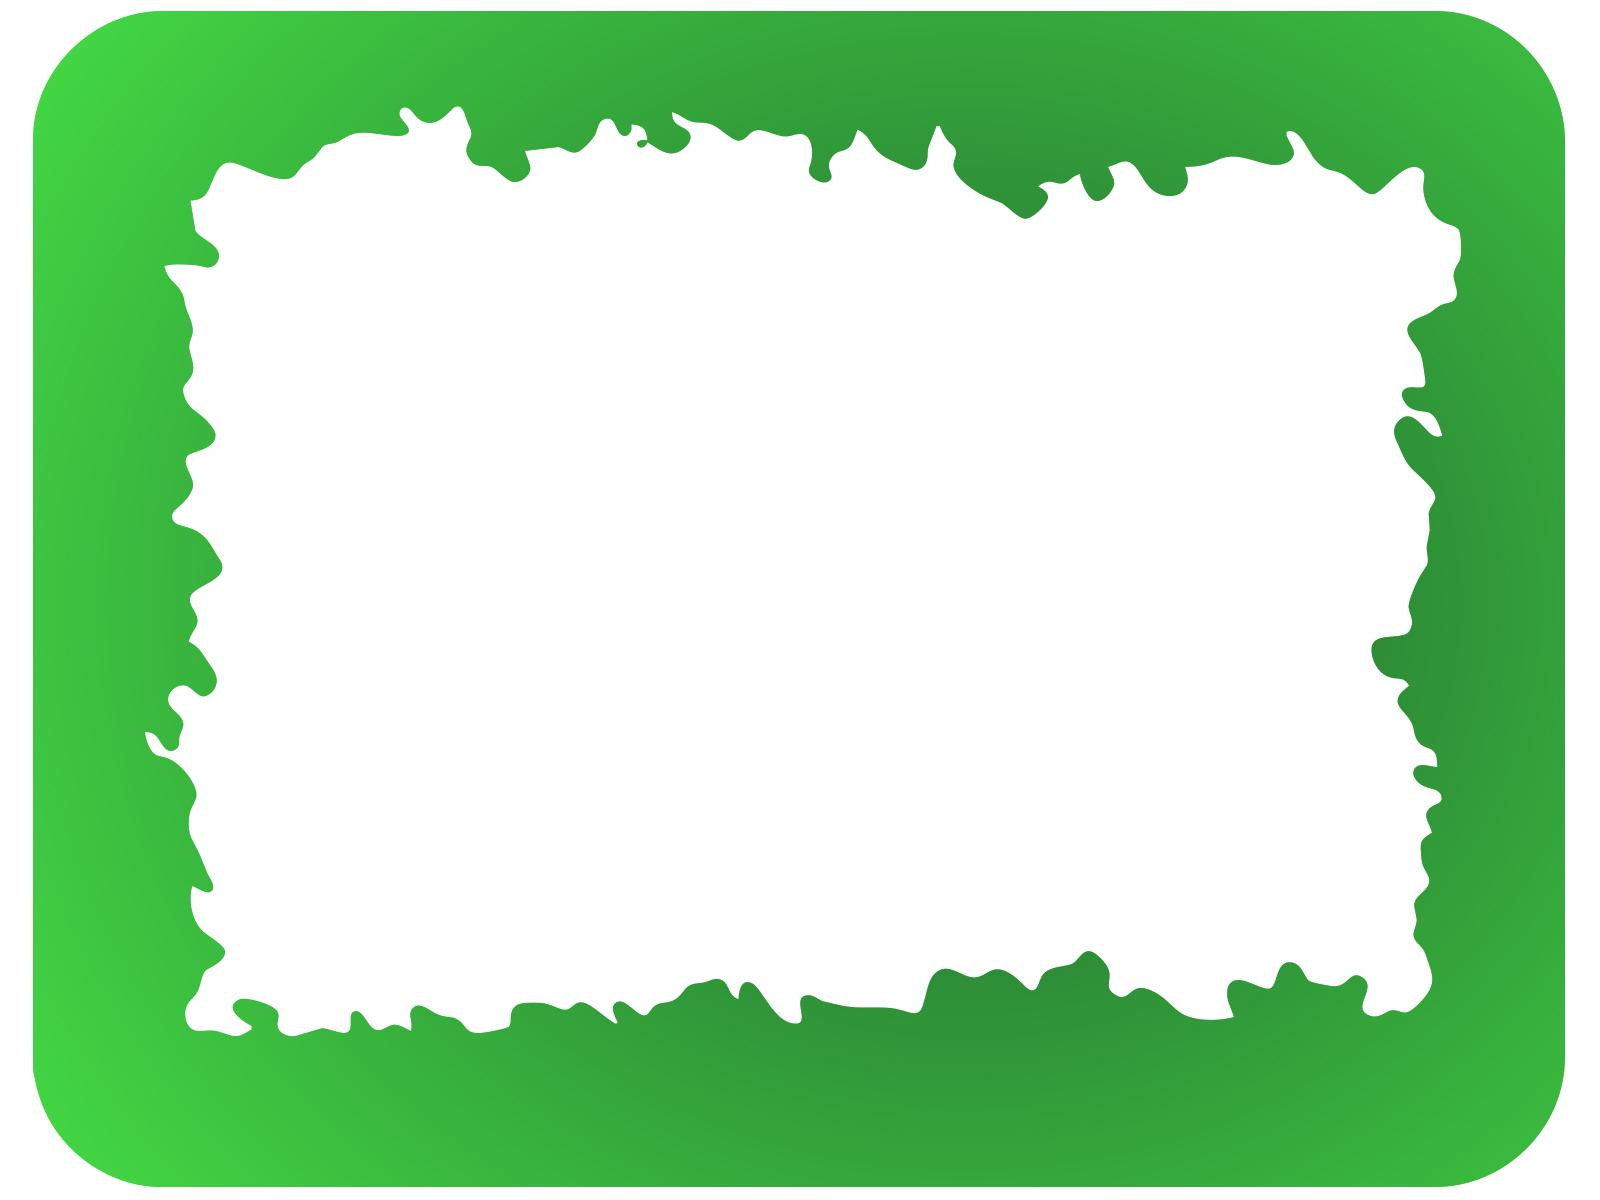 Slime Border PPT Backgrounds